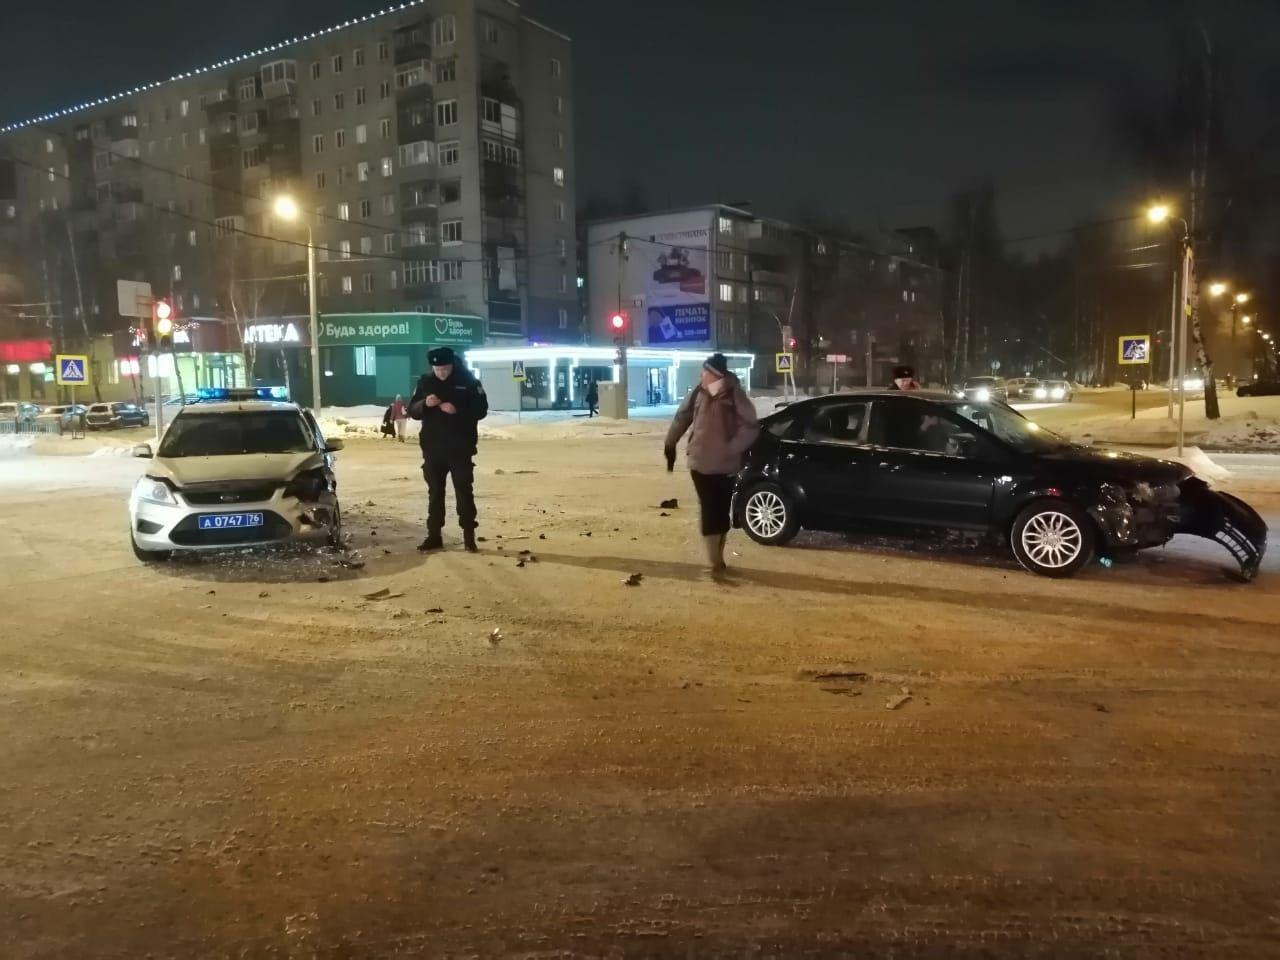 В Ярославле иномарка столкнулась с машиной полиции